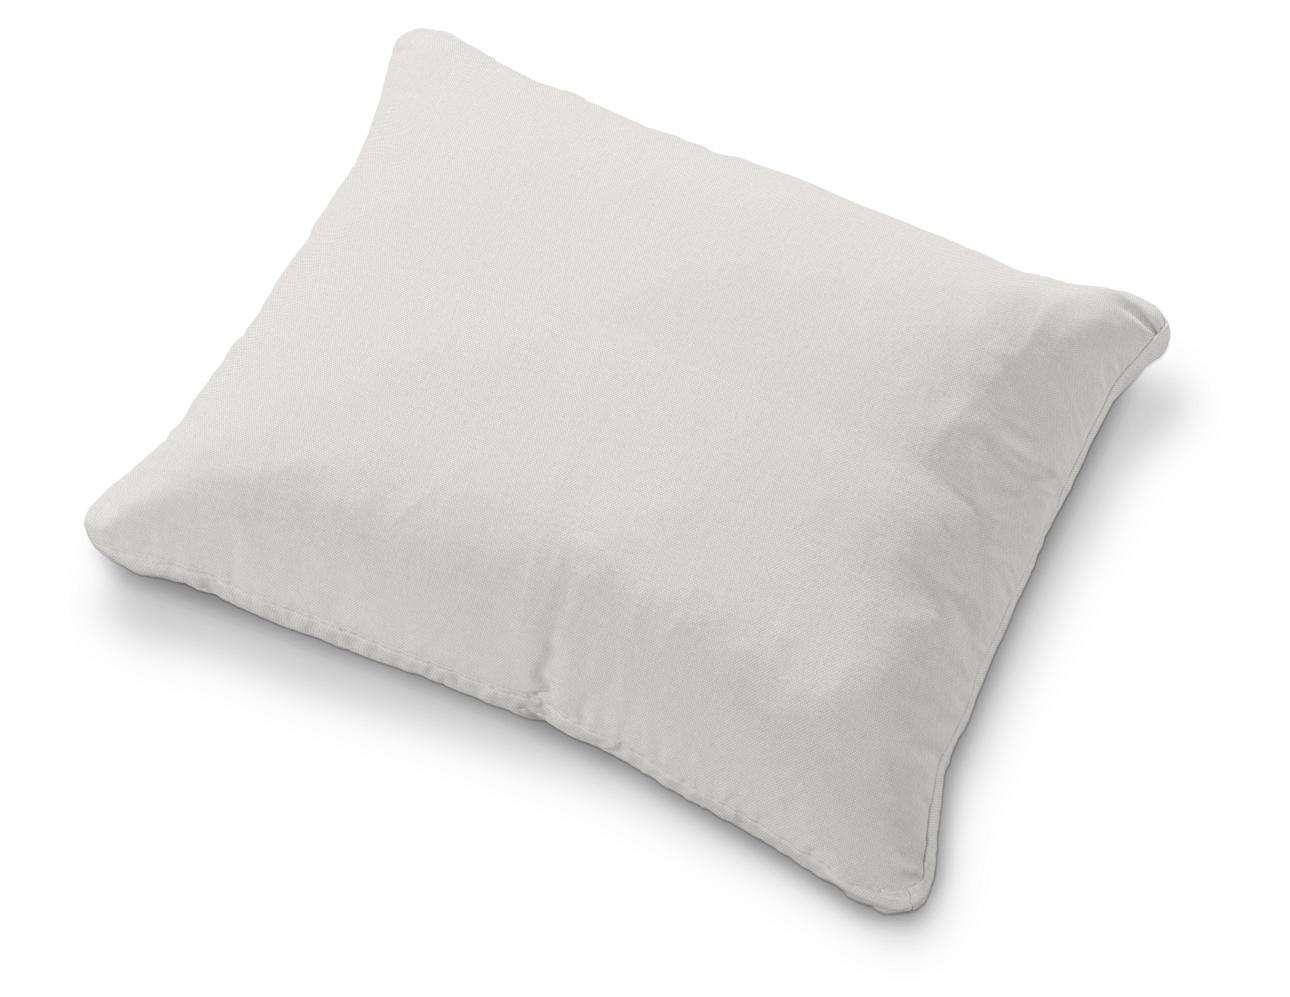 Karlstad pagalvėlės užvalkalas(58 cm x 48 cm) Karlstad pagavėlės užvalkalas 58x48cm kolekcijoje Etna , audinys: 705-01